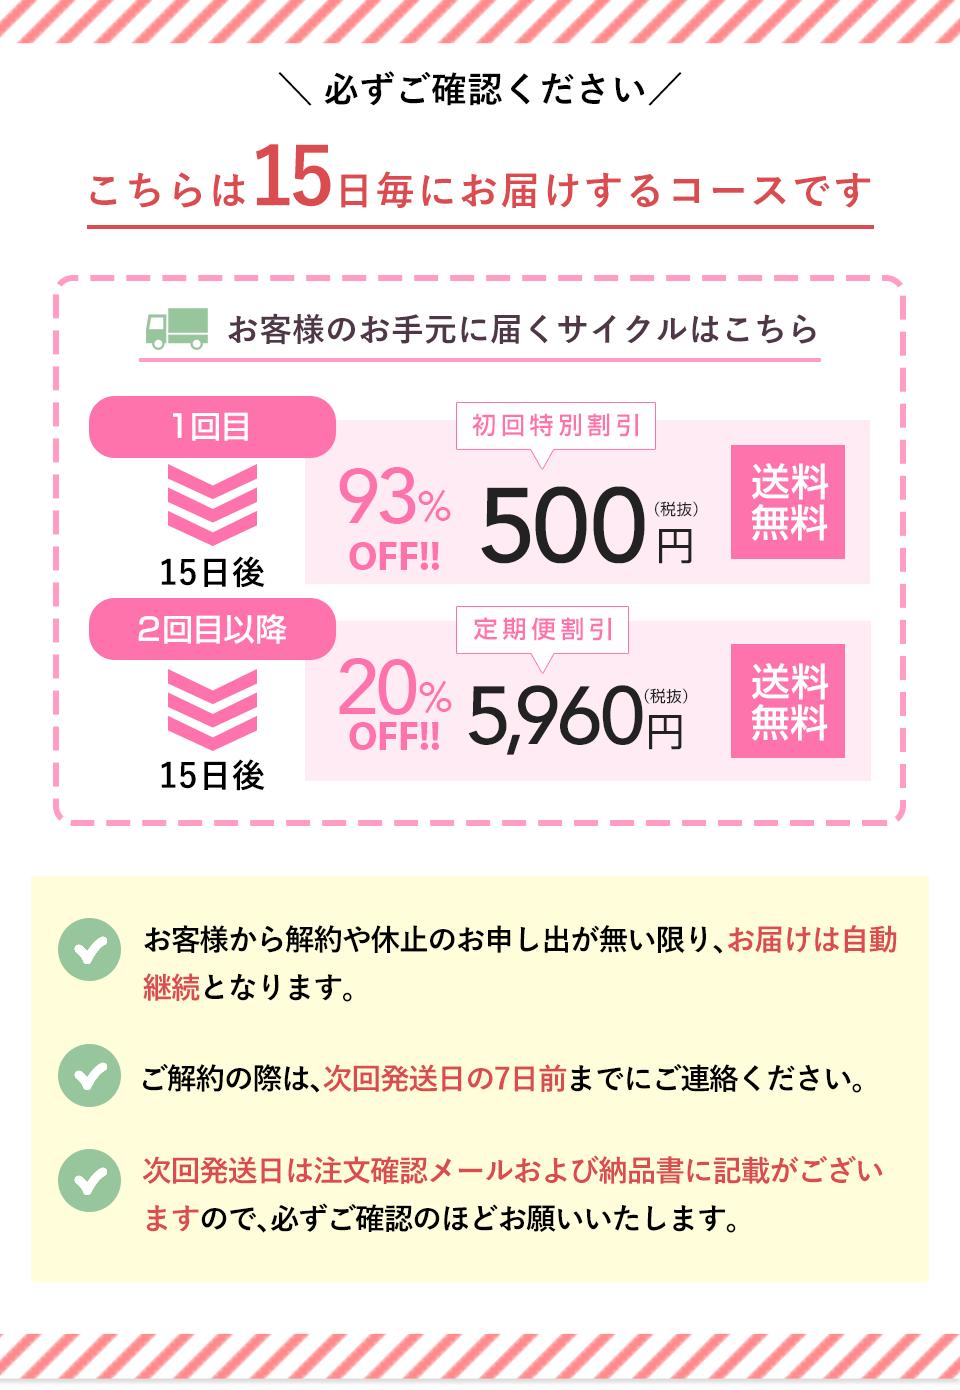 初回500円特別定期コースをお申し込みの前に下記必ずご確認の上、ご購入ください。